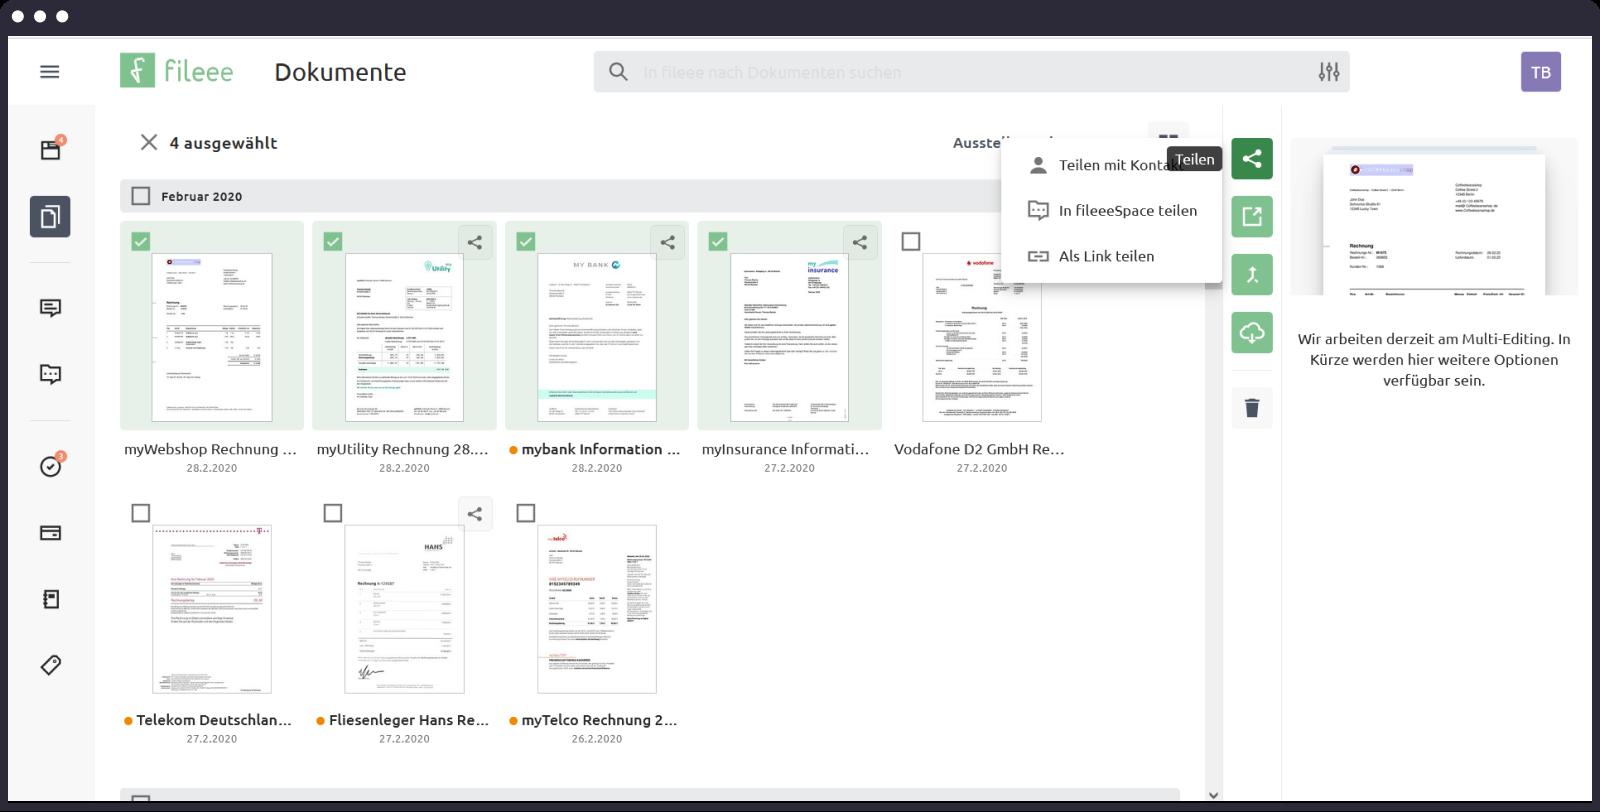 Dokumente teilen und Freigabe von Dateien in fileee schnell und einfach mit dem neuen Teilen-Prozess.